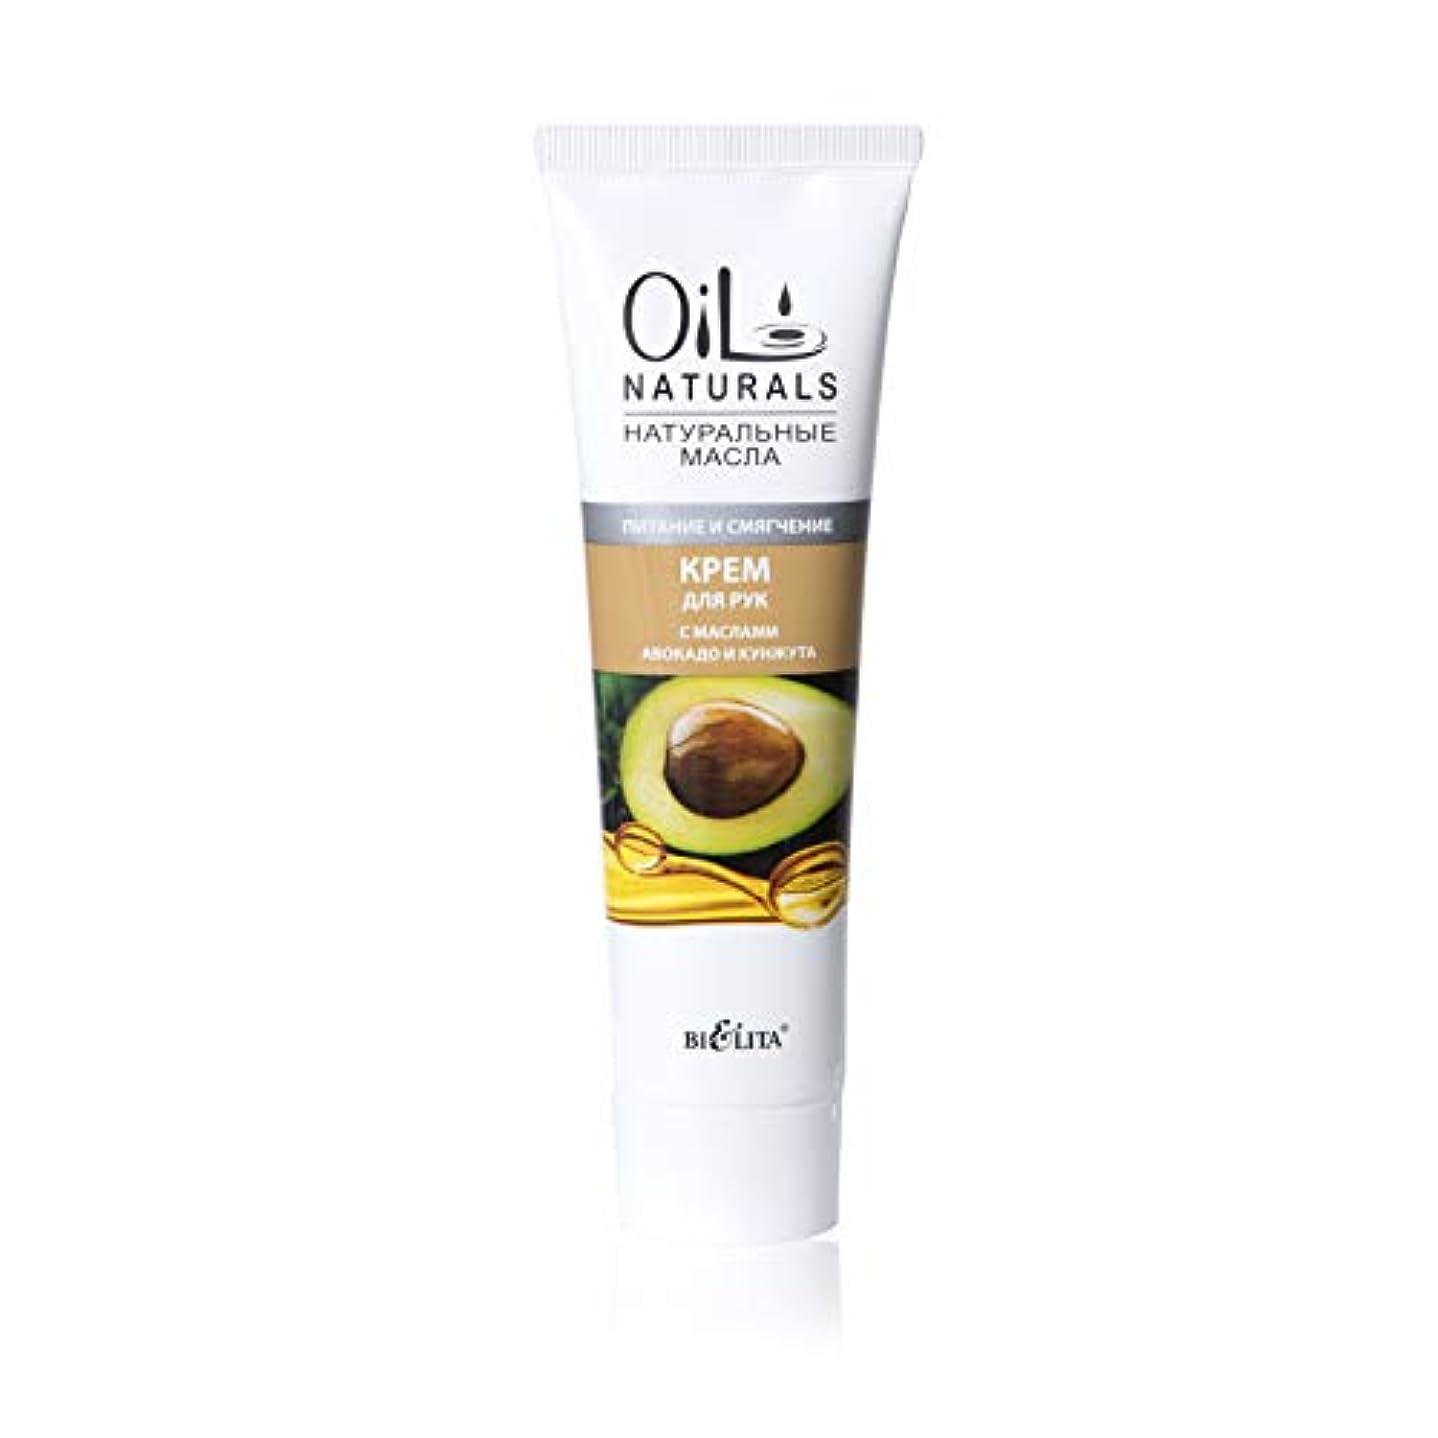 多様体まで禁止Bielita & Vitex Oil Naturals Line | Nutrition & Softening Hand Cream, 100 ml | Avocado Oil, Silk Proteins, Sesame...